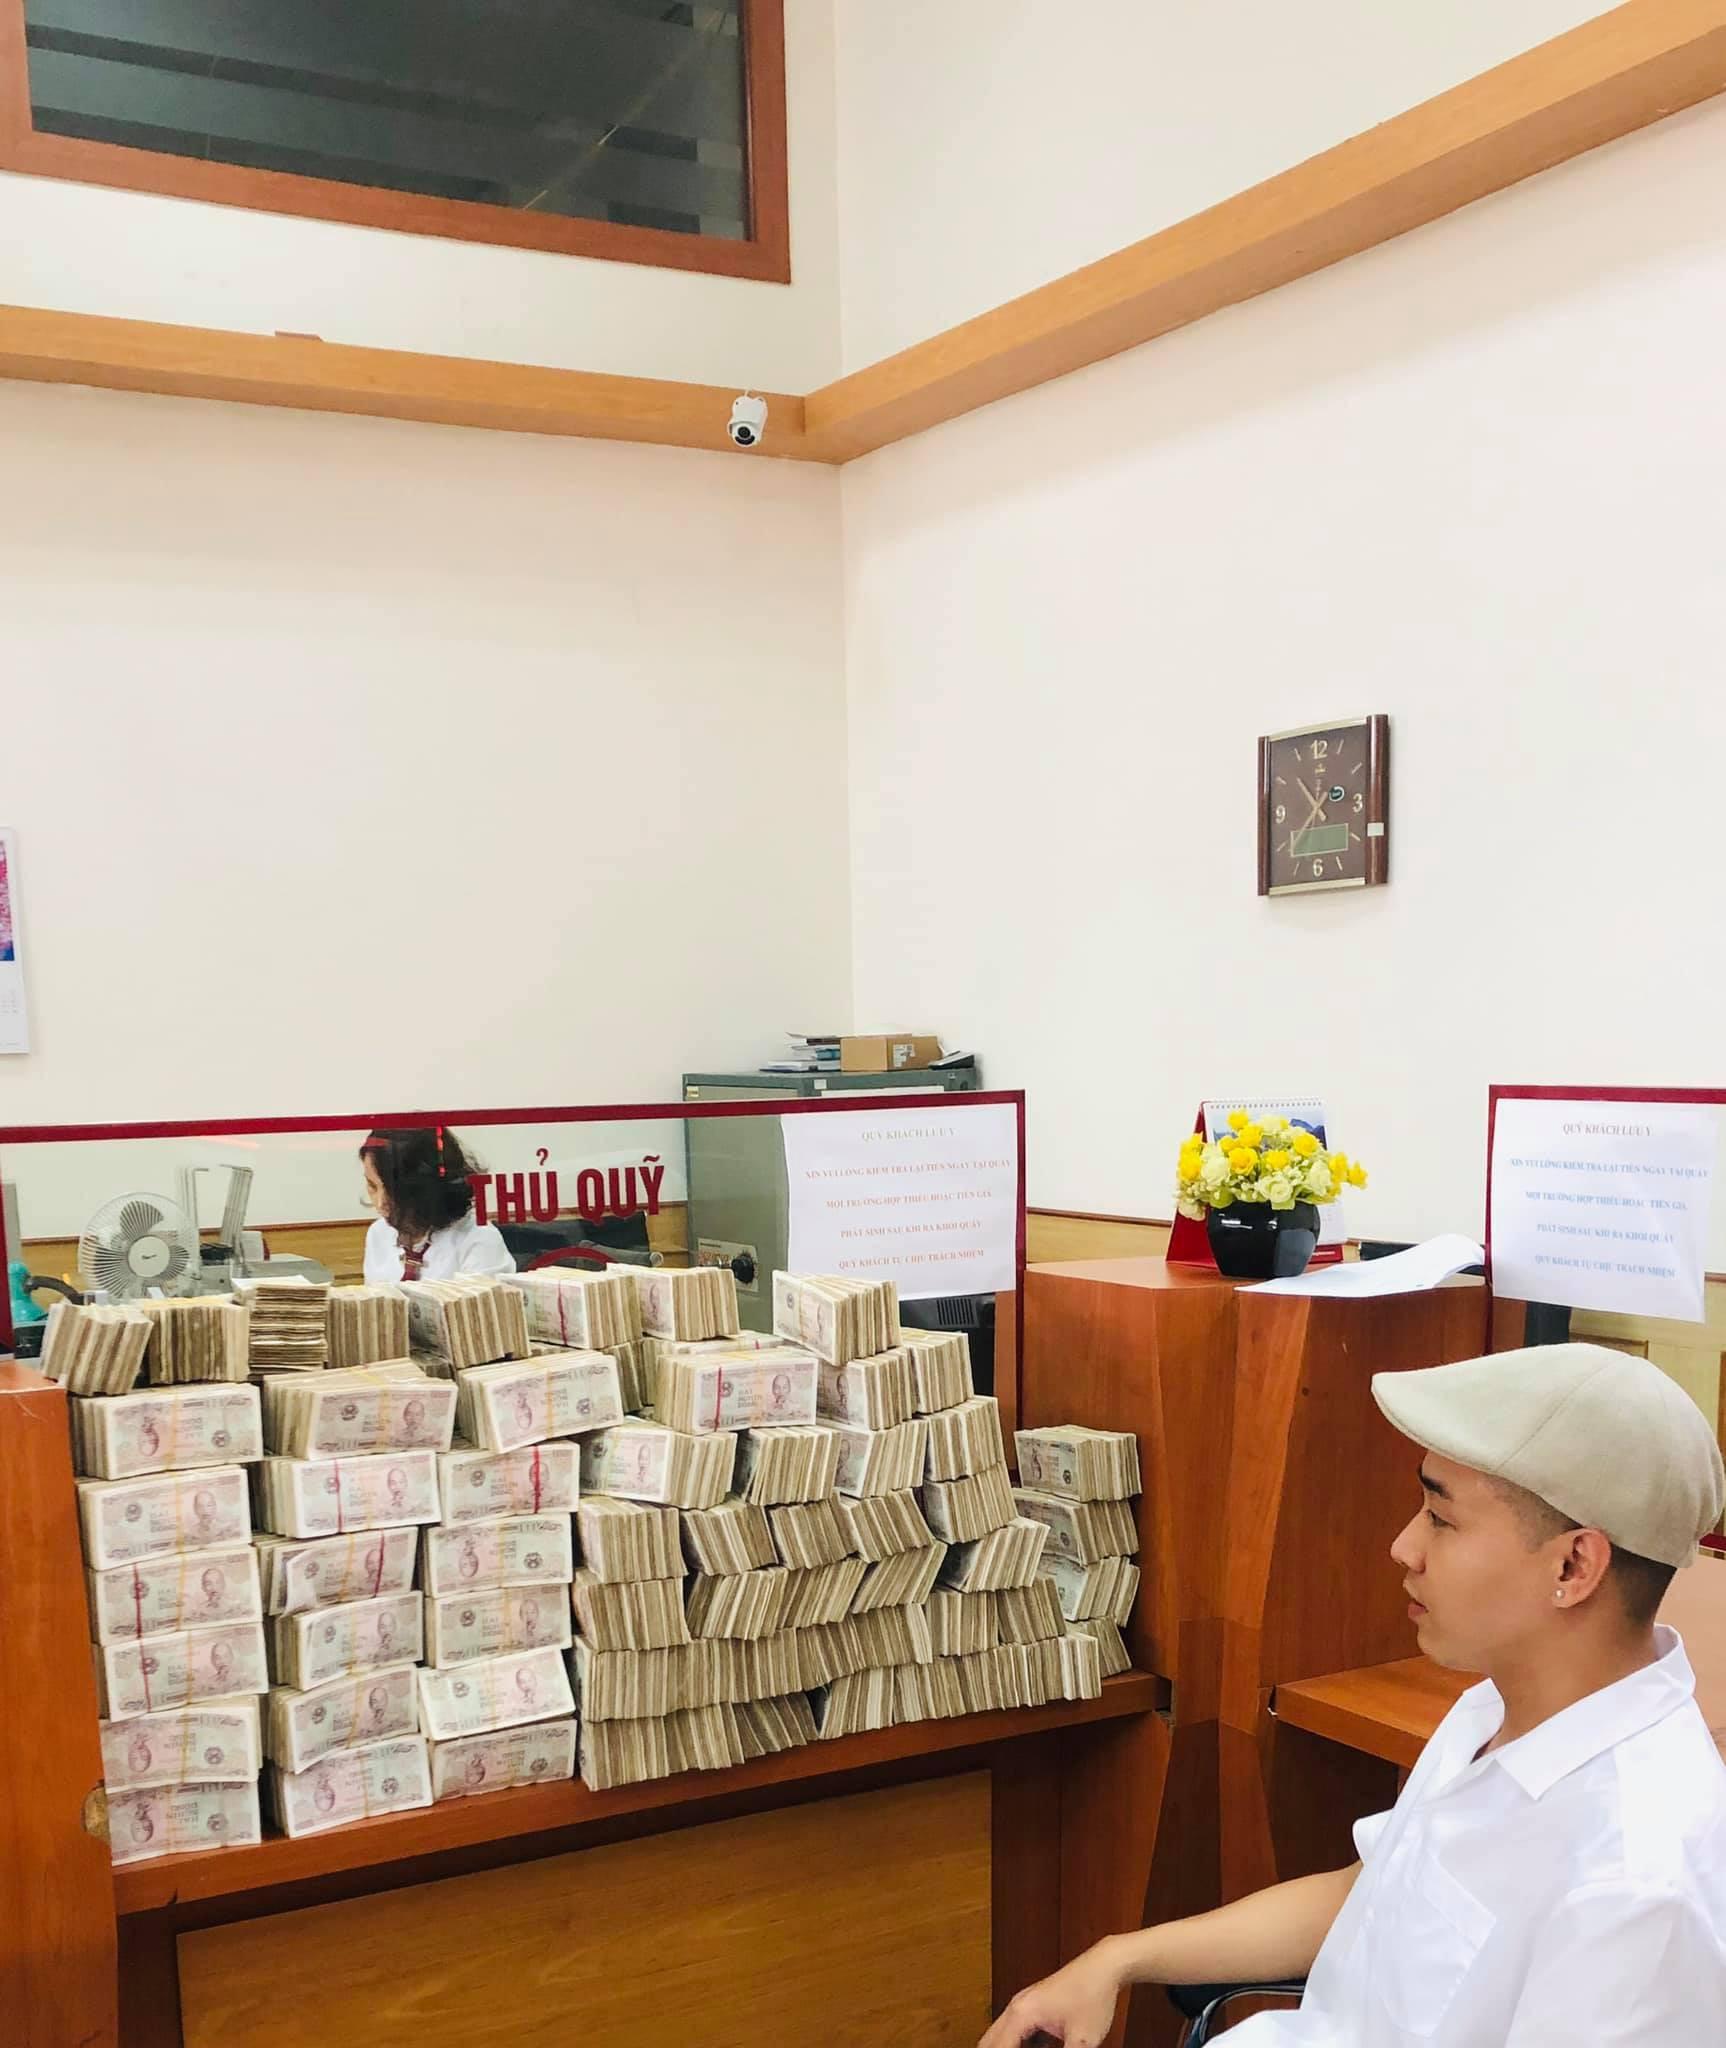 Hình ảnh nam thanh niên lầy lội mang 200 triệu toàn mệnh giá 2.000 đồng đi gửi ngân hàng khiến nhiều người xôn xao-3